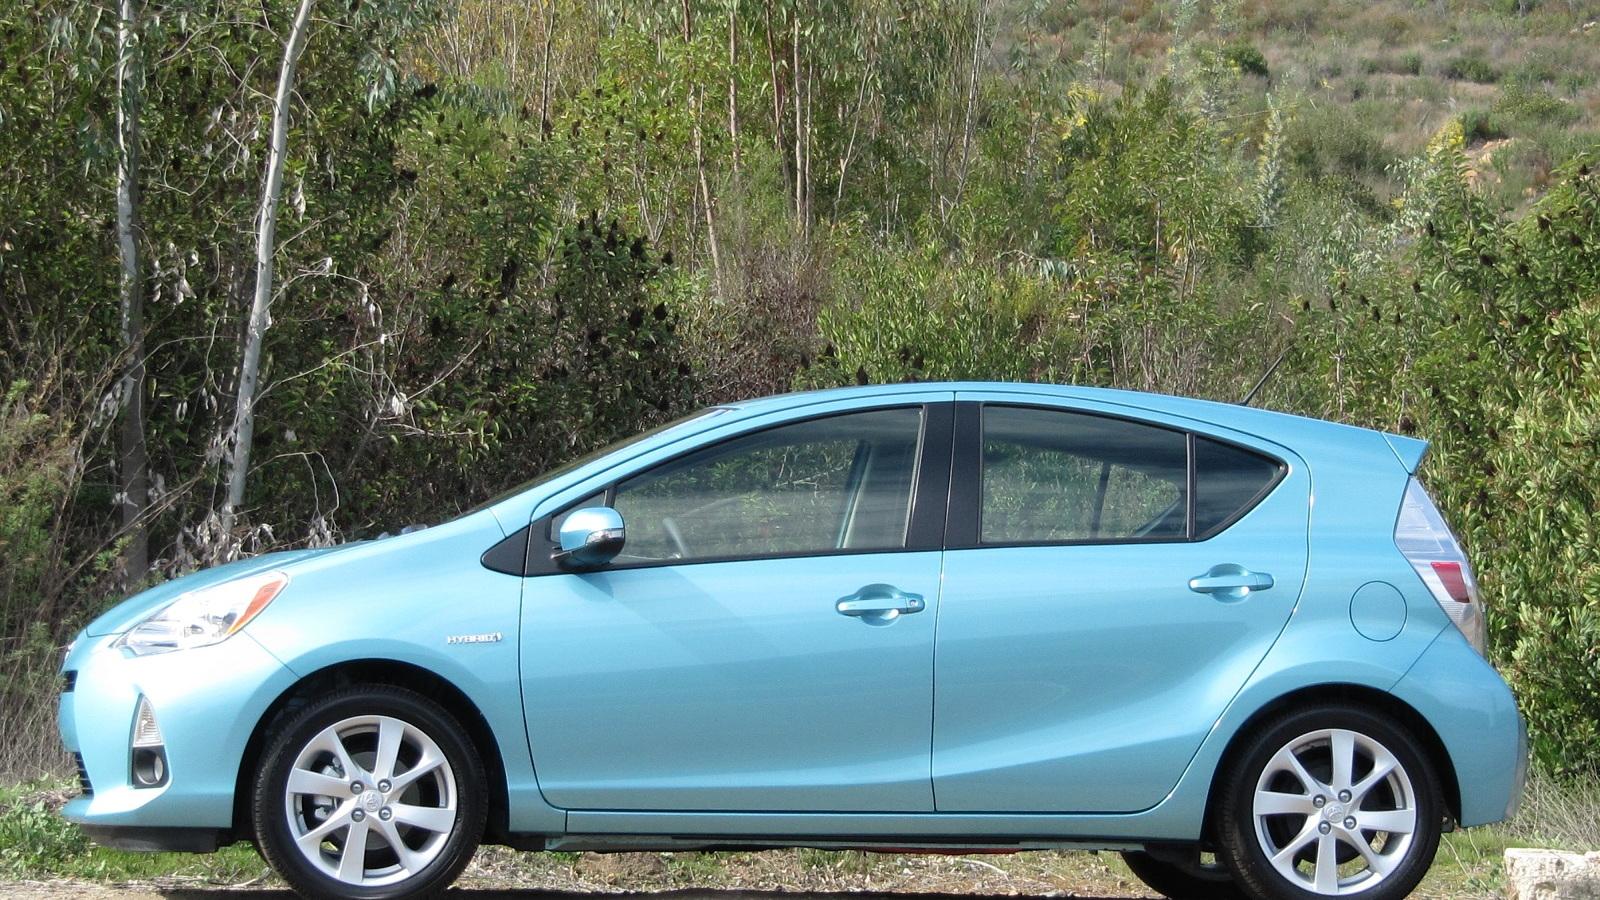 2012 Toyota Prius C, drive event, La Jolla, CA, Feb 2012